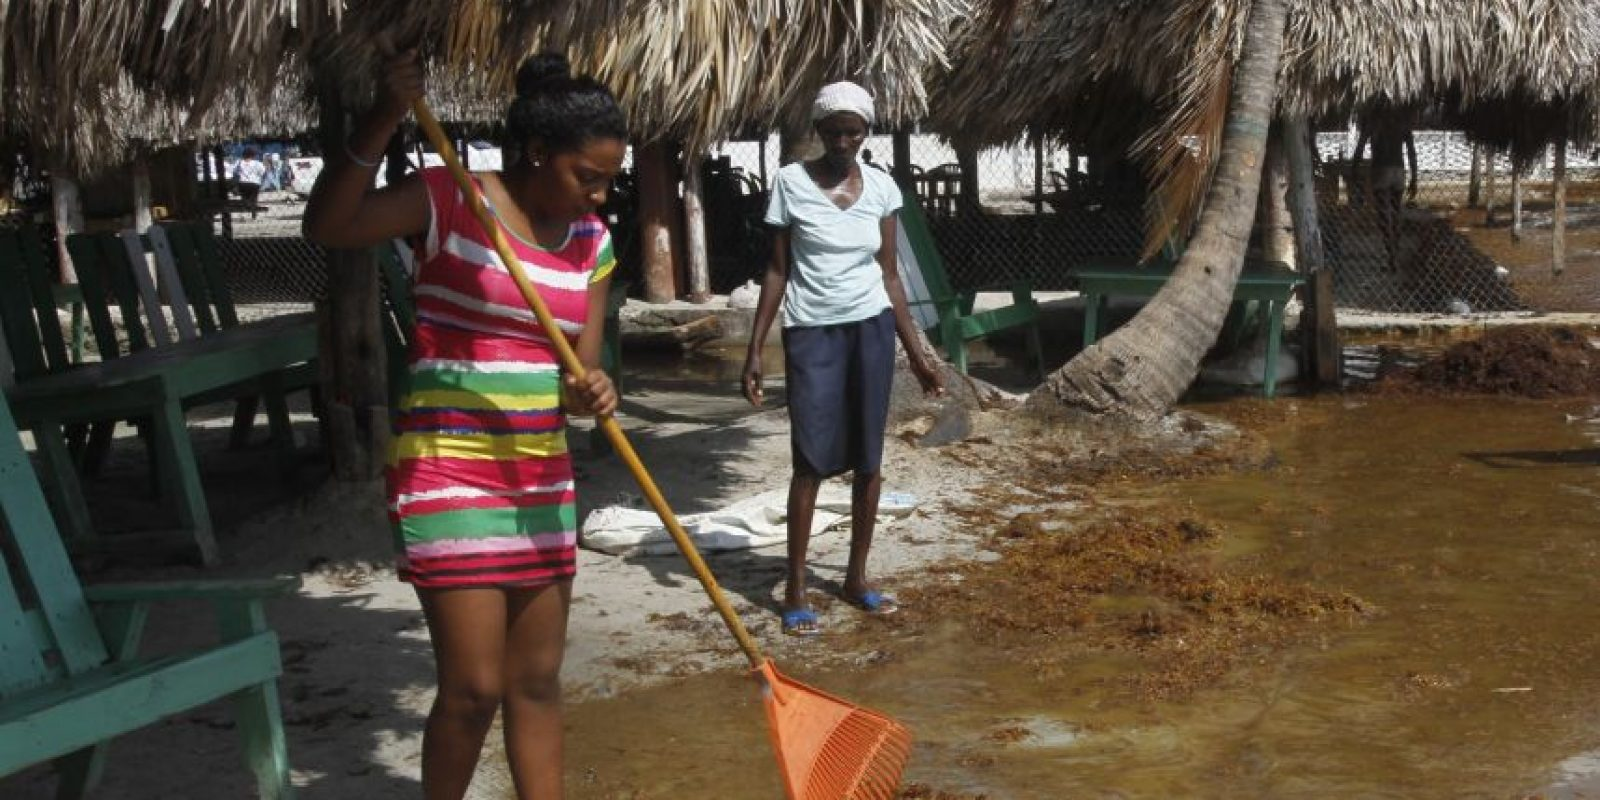 Propietarios de comercios intentan limpiar las algas. Foto:ROBERTO GUZMÁN